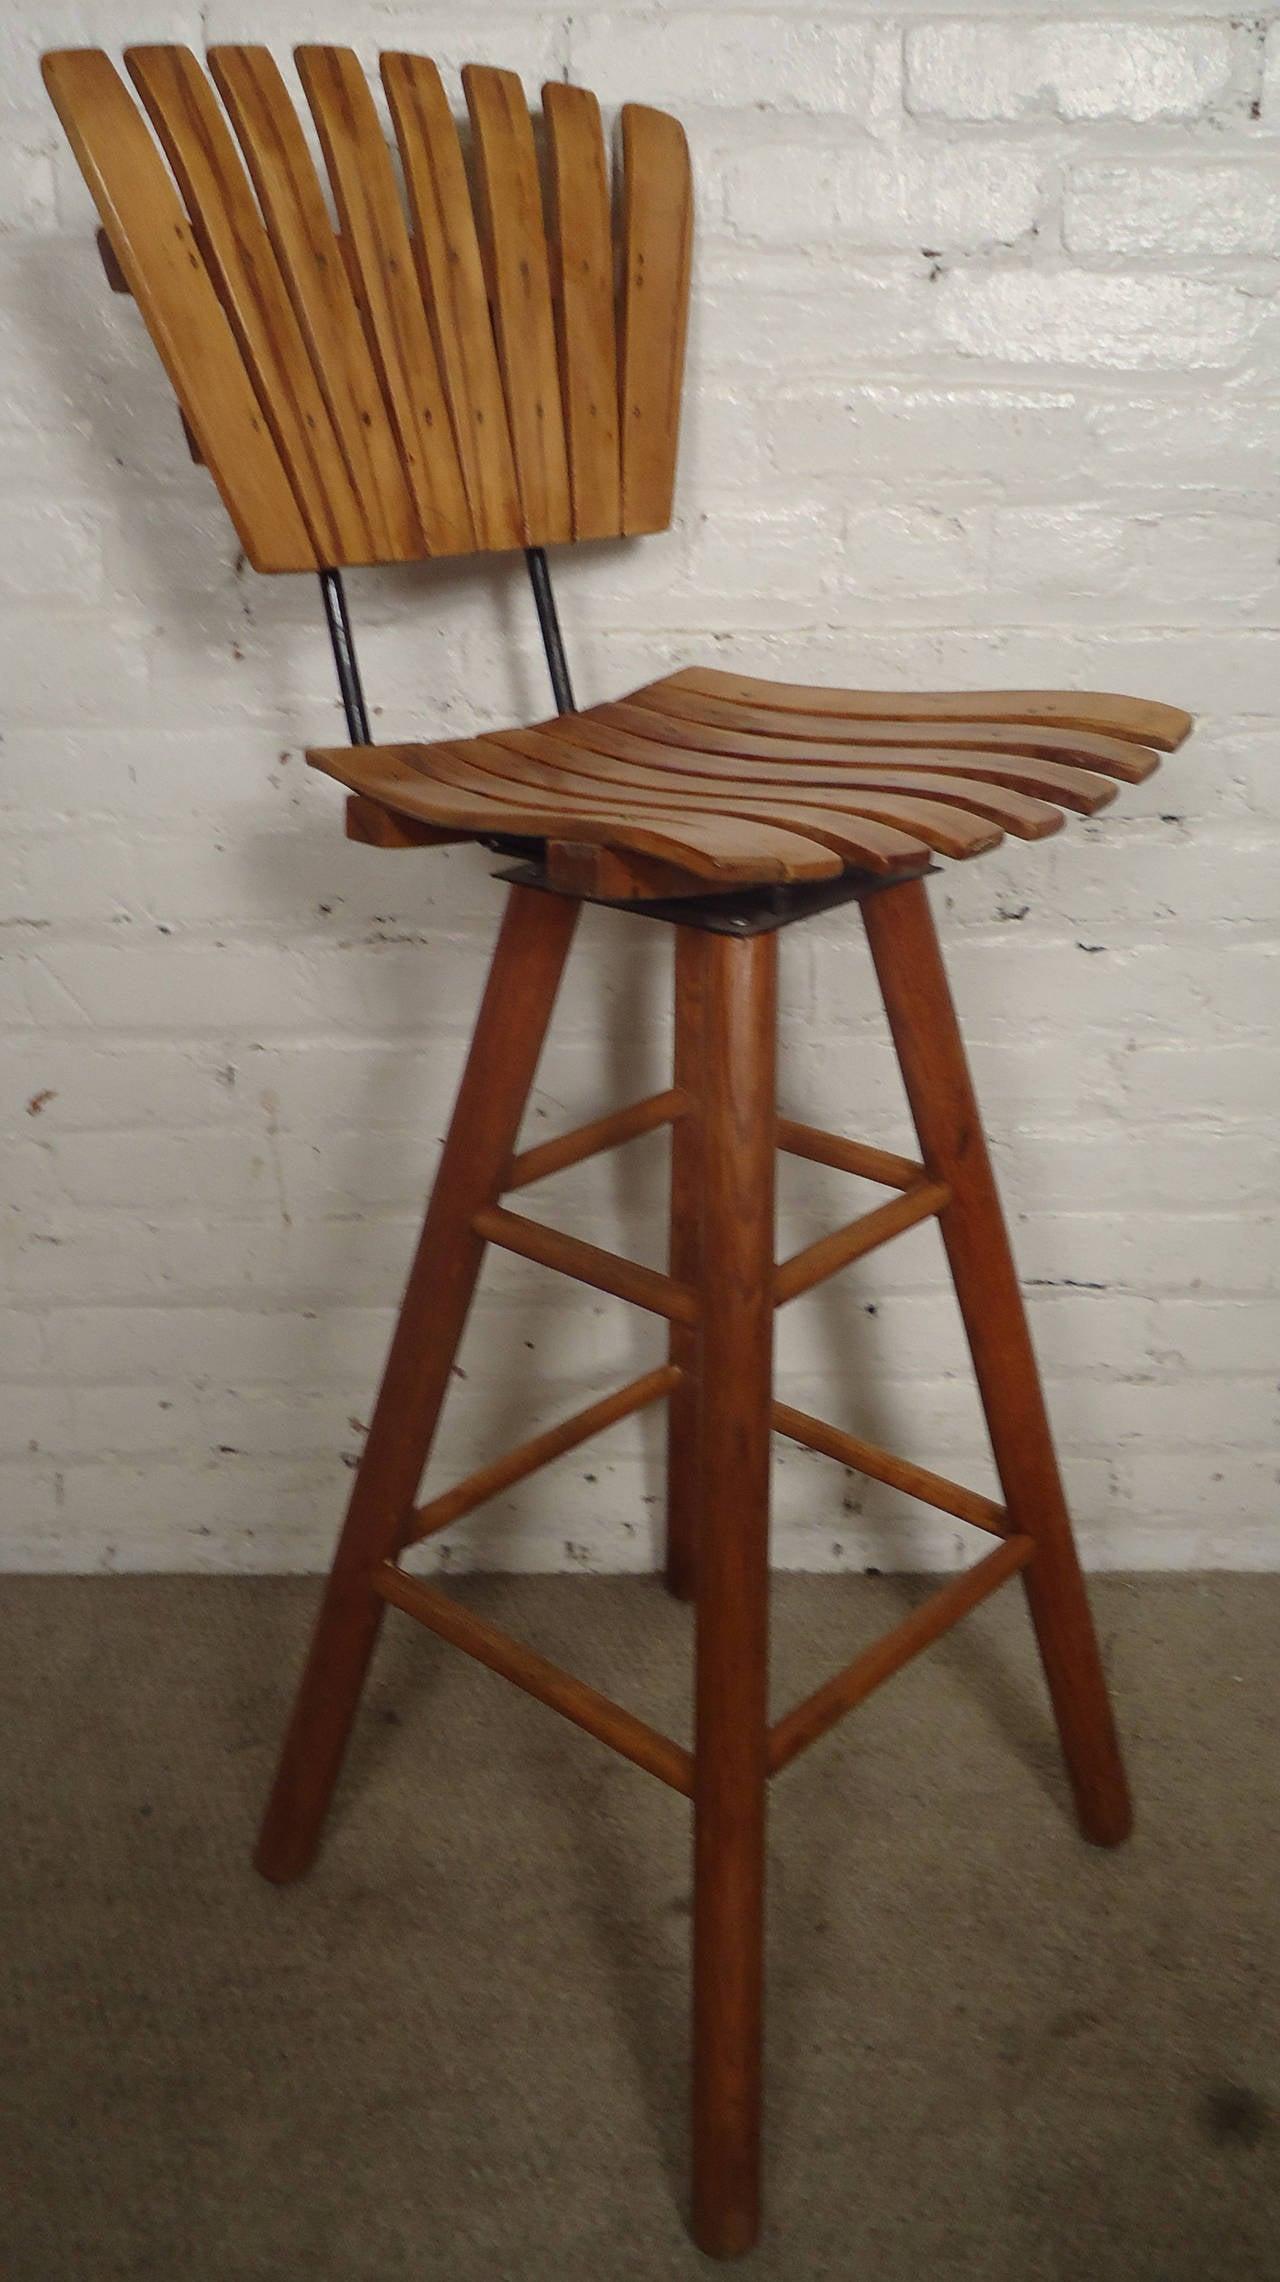 seng chicago chair mat for carpet floors mid century slat stool in the manner of arthur umanoff at